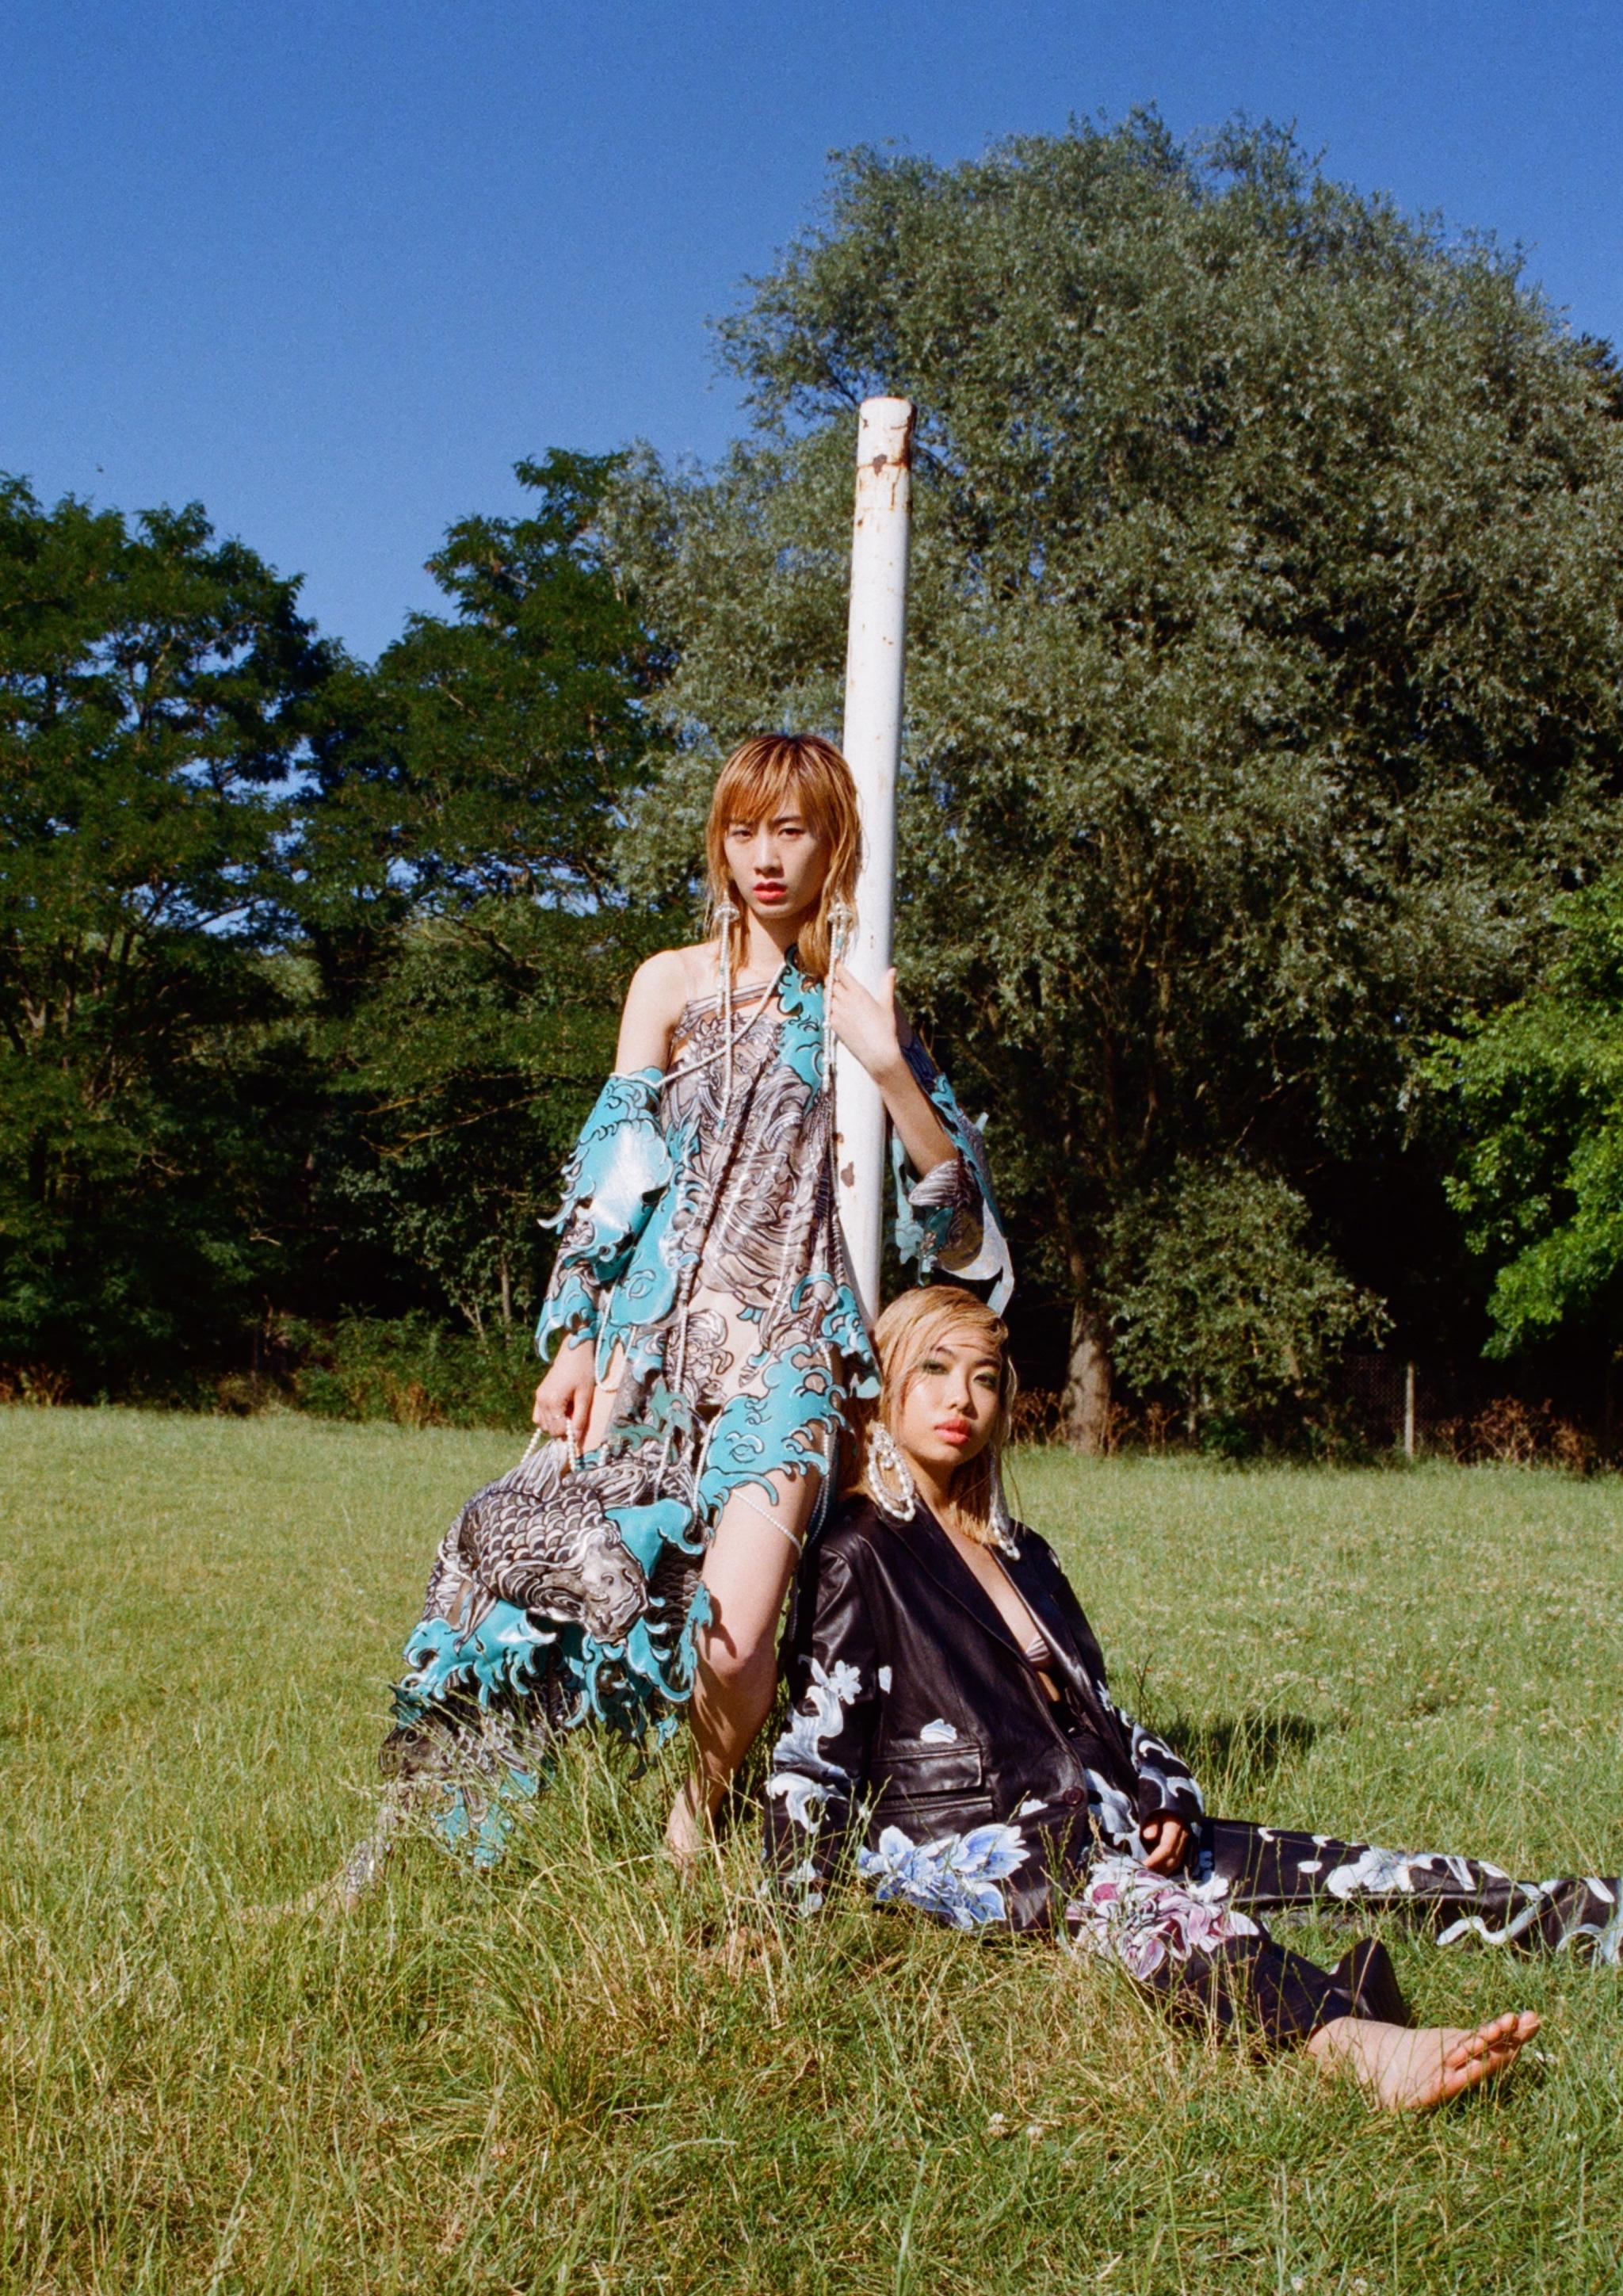 Photo by Naomi Wong, Fashion by Hannah Dang